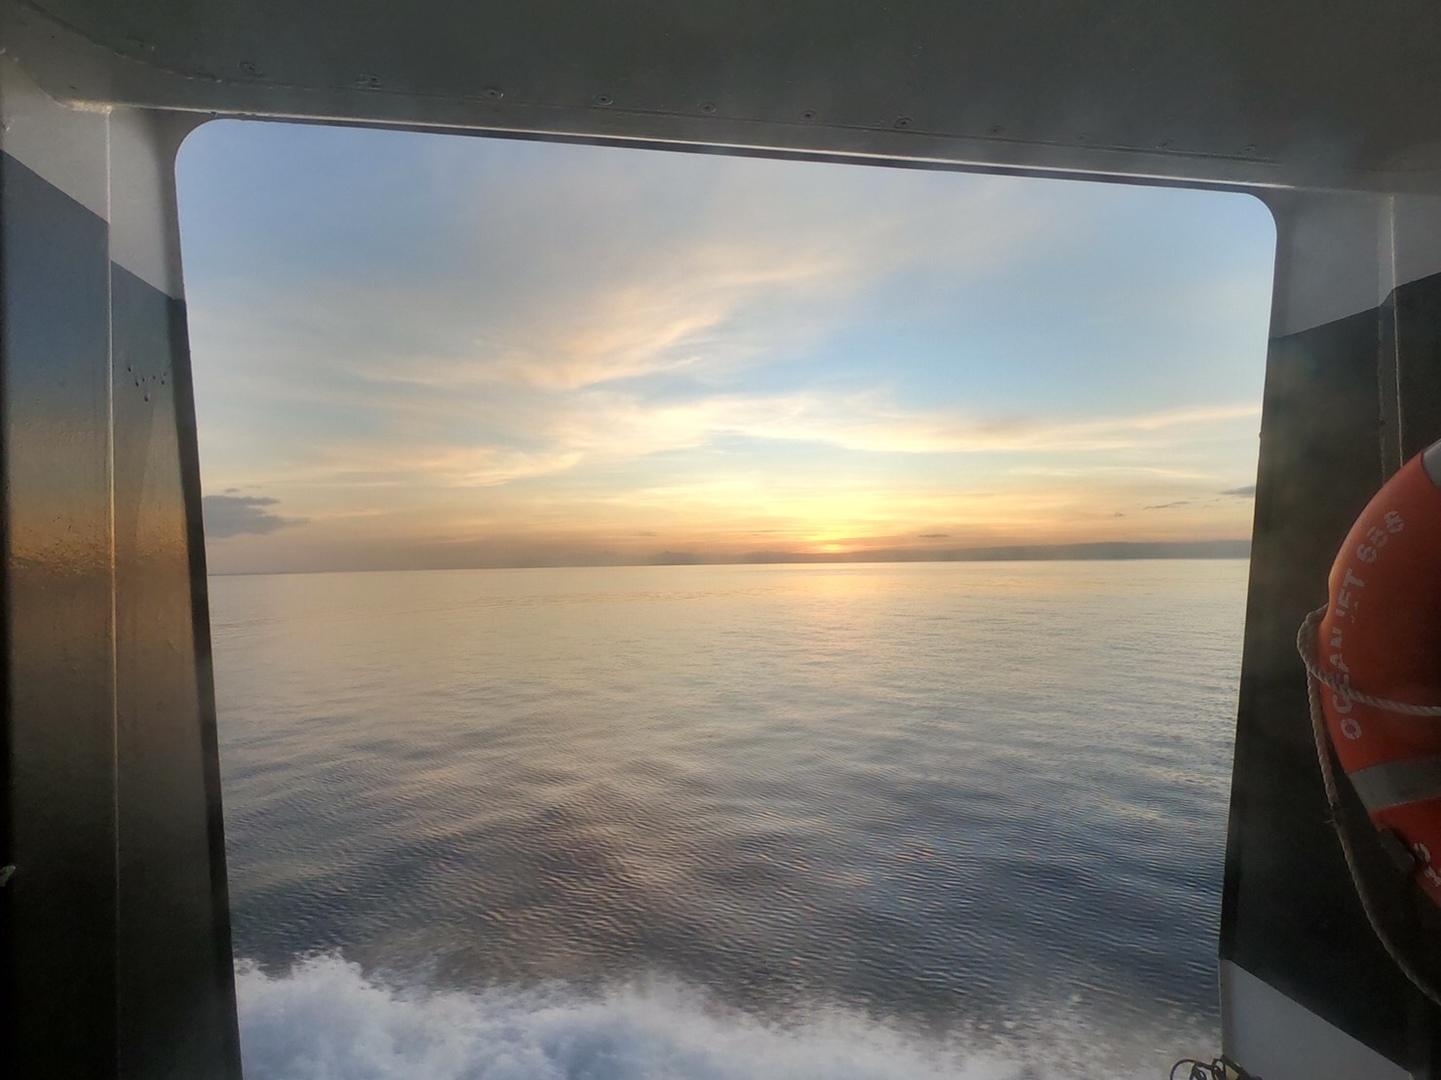 港から船で2時間弱、フィリピン最古の教会を見学、船でランチ、ターシャに会いに行く、チョコレートヒルズを見学、といった流れ。 基本野外での見学が多いので、雨だとちょっと物足りないかも。 今回は晴れてたので、船でのランチも気持ち良かったし、チョコレートヒルズも絶景だった!!ツアーガイドの方もツアー先のスタッフも優しくてノリが良く、とっても楽しい。一緒に思い出作りをしてくれるようなイメージ。  行きの船では、船を案内してくれたスタッフと、ボホール島に着いてからのスタッフが変わるのでガイドはどこいった???となったが、心配せず、どんどん降りて進んでOK。自分の名前が書いてある紙を持ったスタッフが立っているので見つけるべし!!